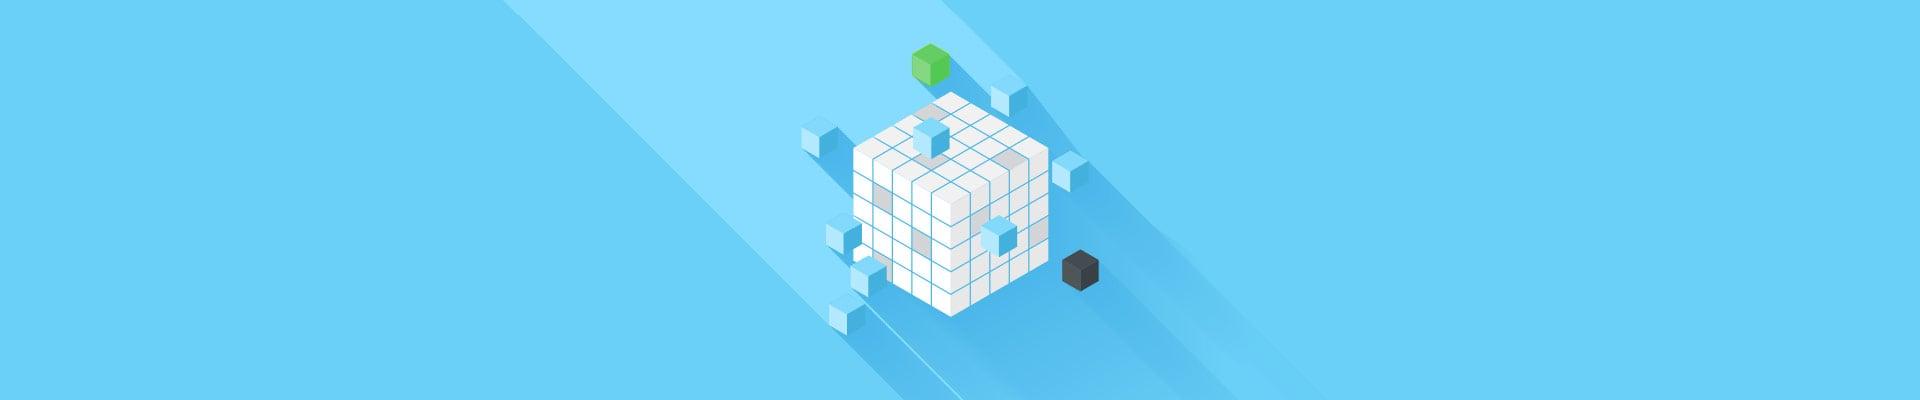 ImplantBase-Blog-Header-Fragmentation